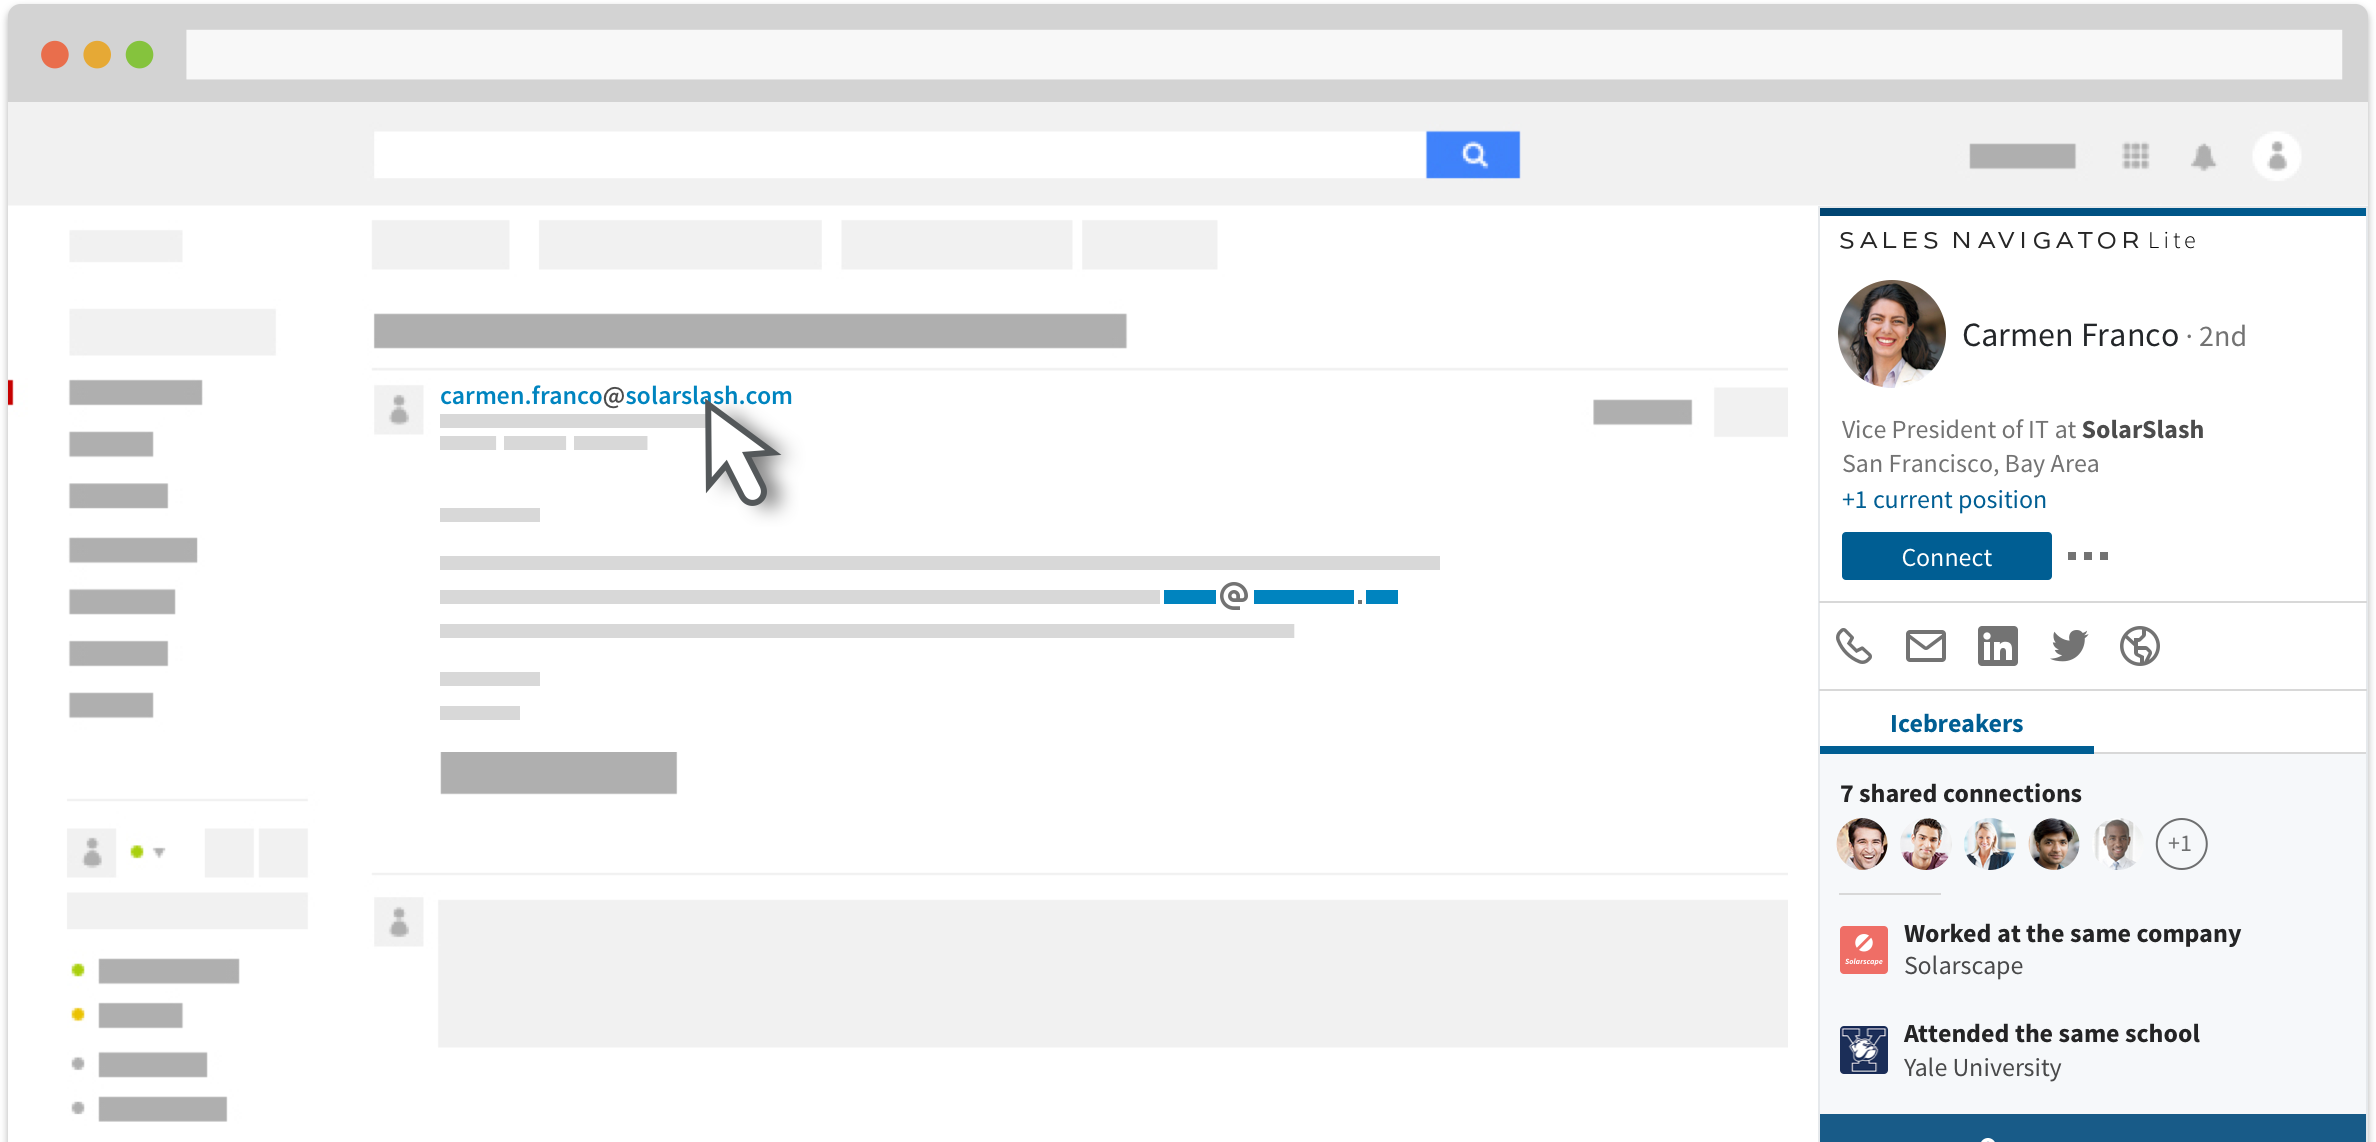 LinkedIn introduceert Sales Navigator Lite voor Gmail